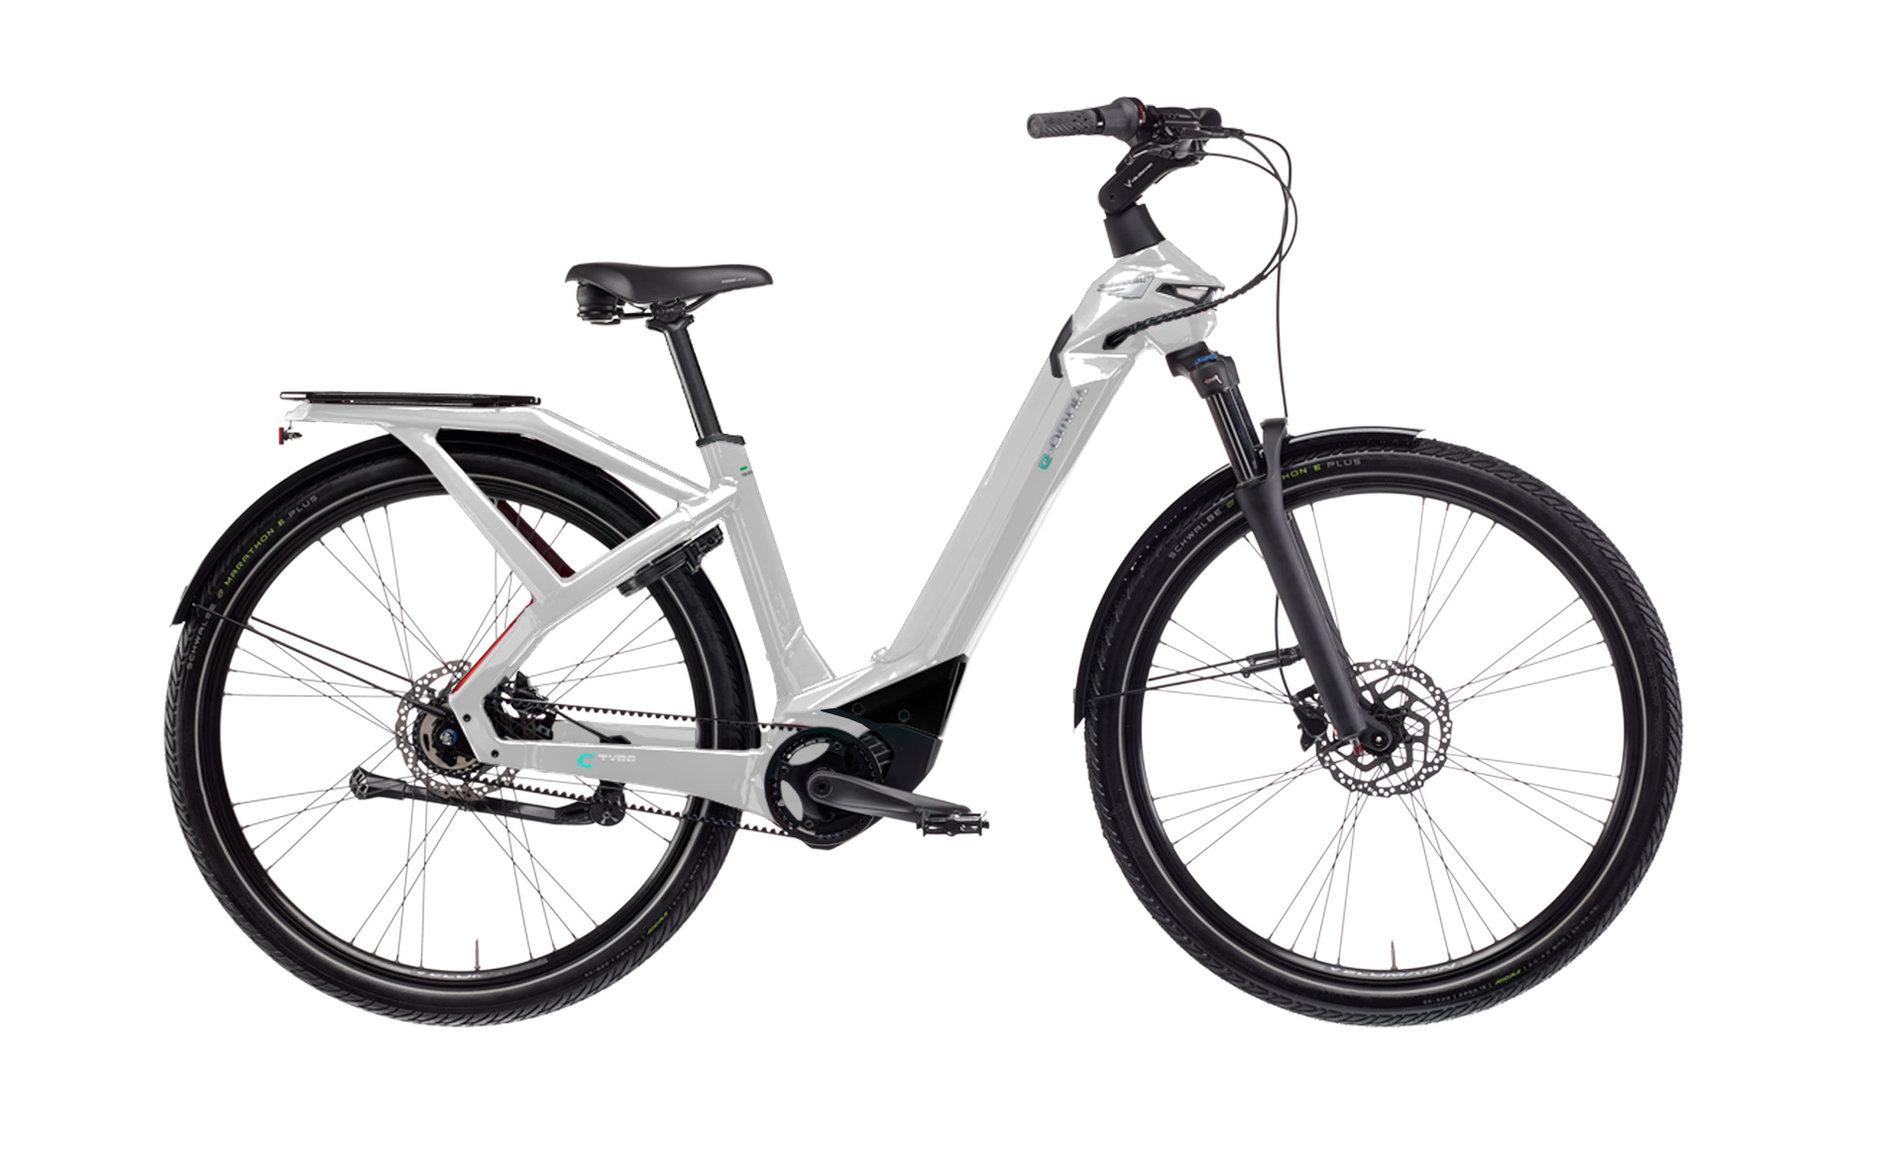 Bianchi-E-Bikes